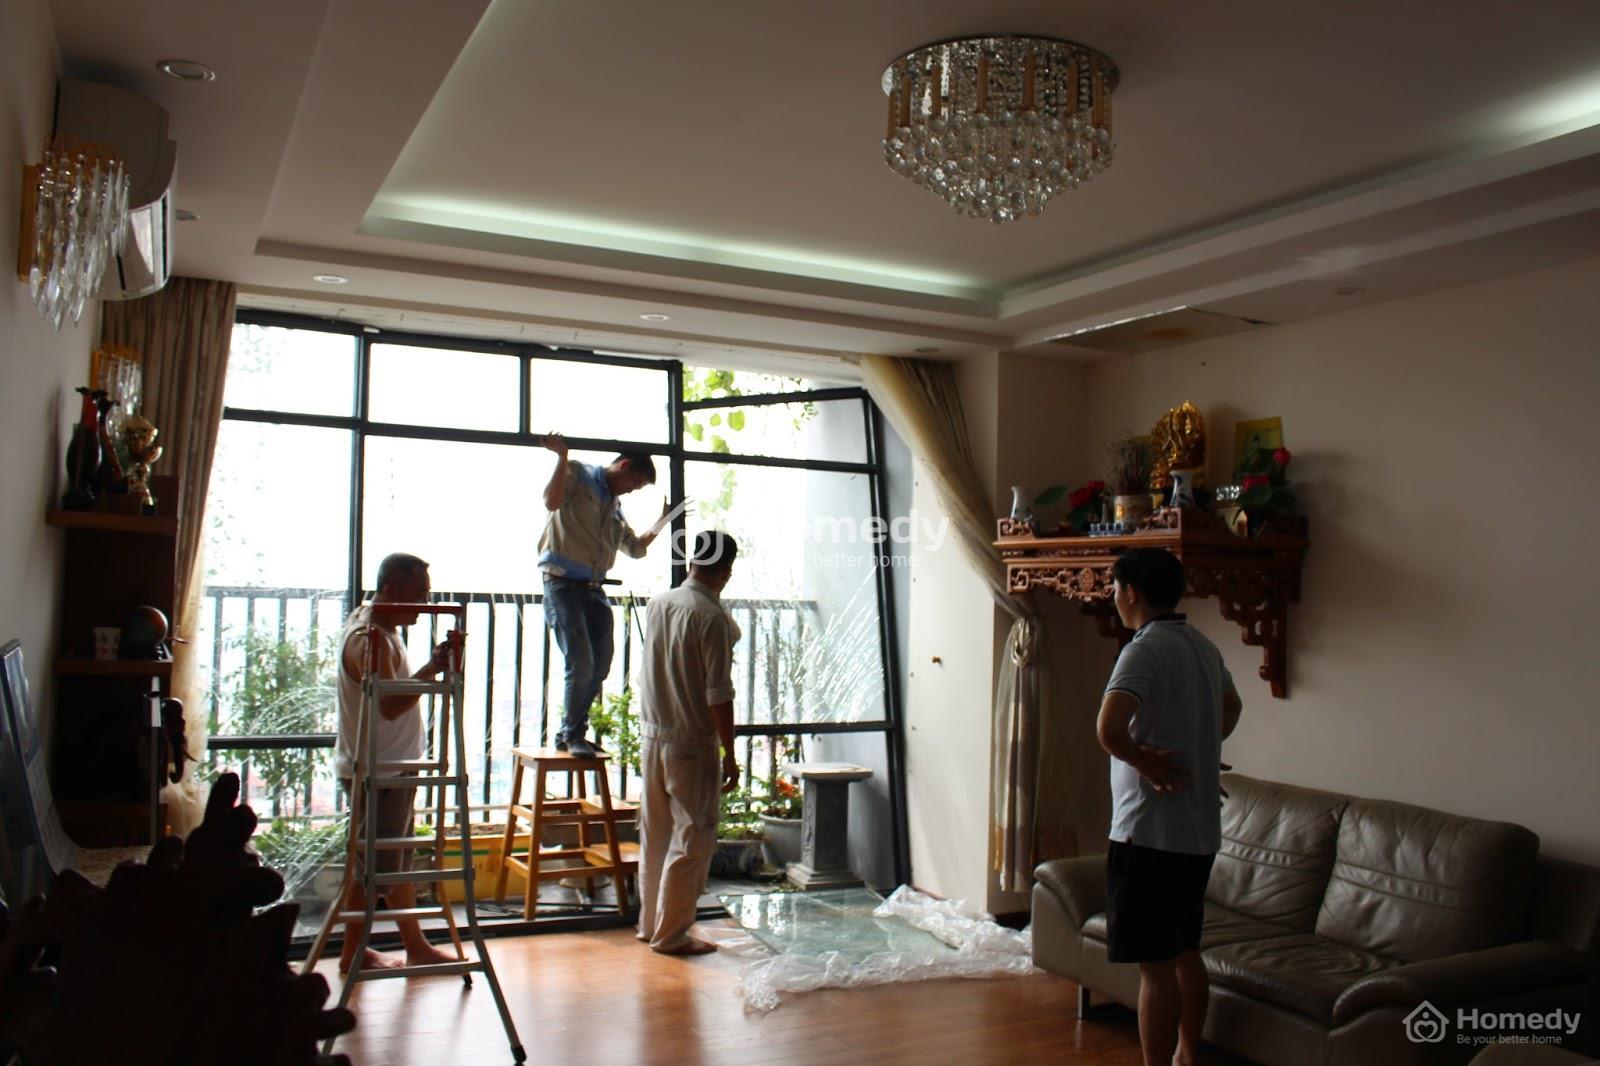 Chuyện thật như đùa, chủ nhà khốn khổ vì… trót sửa nhà quá đẹp!